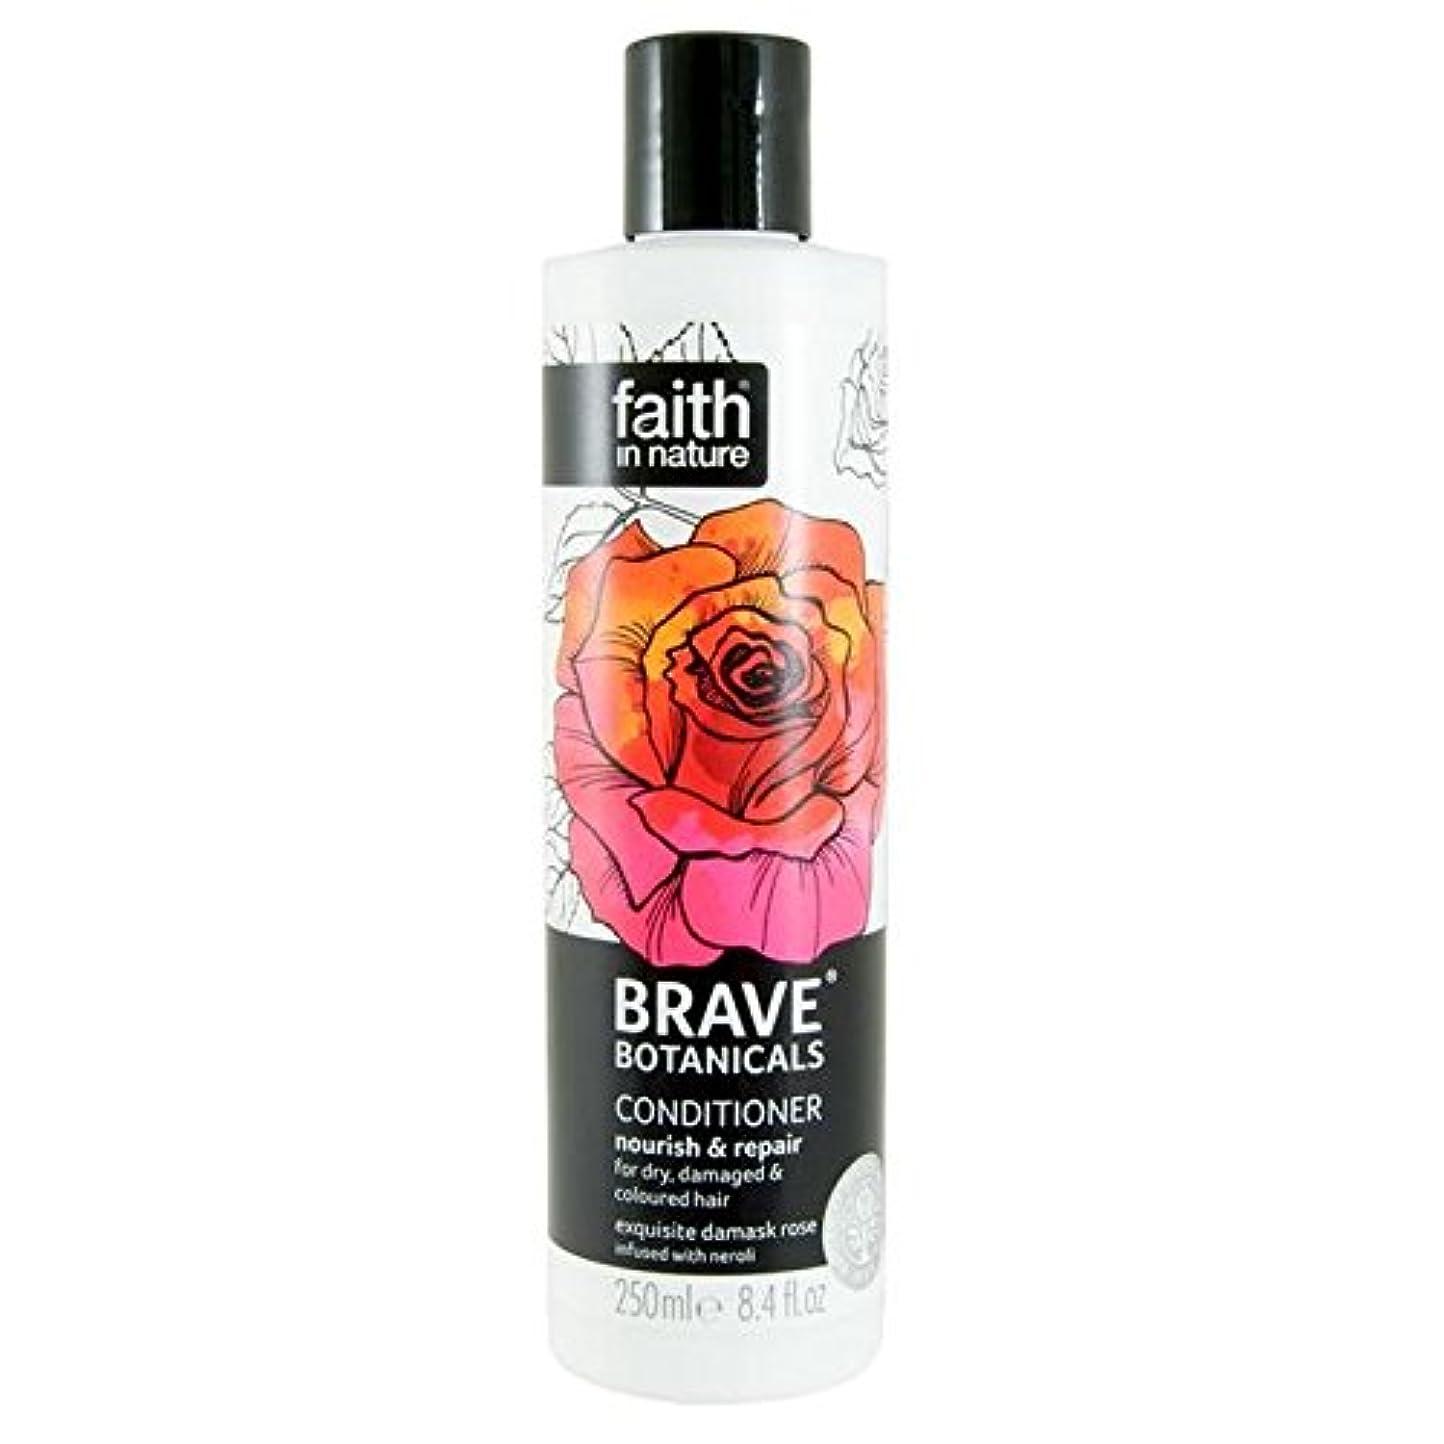 歴史家贈り物疑い者Brave Botanicals Rose & Neroli Nourish & Repair Conditioner 250ml - (Faith In Nature) 勇敢な植物は、ローズ&ネロリは養う&リペアコンディショナー...